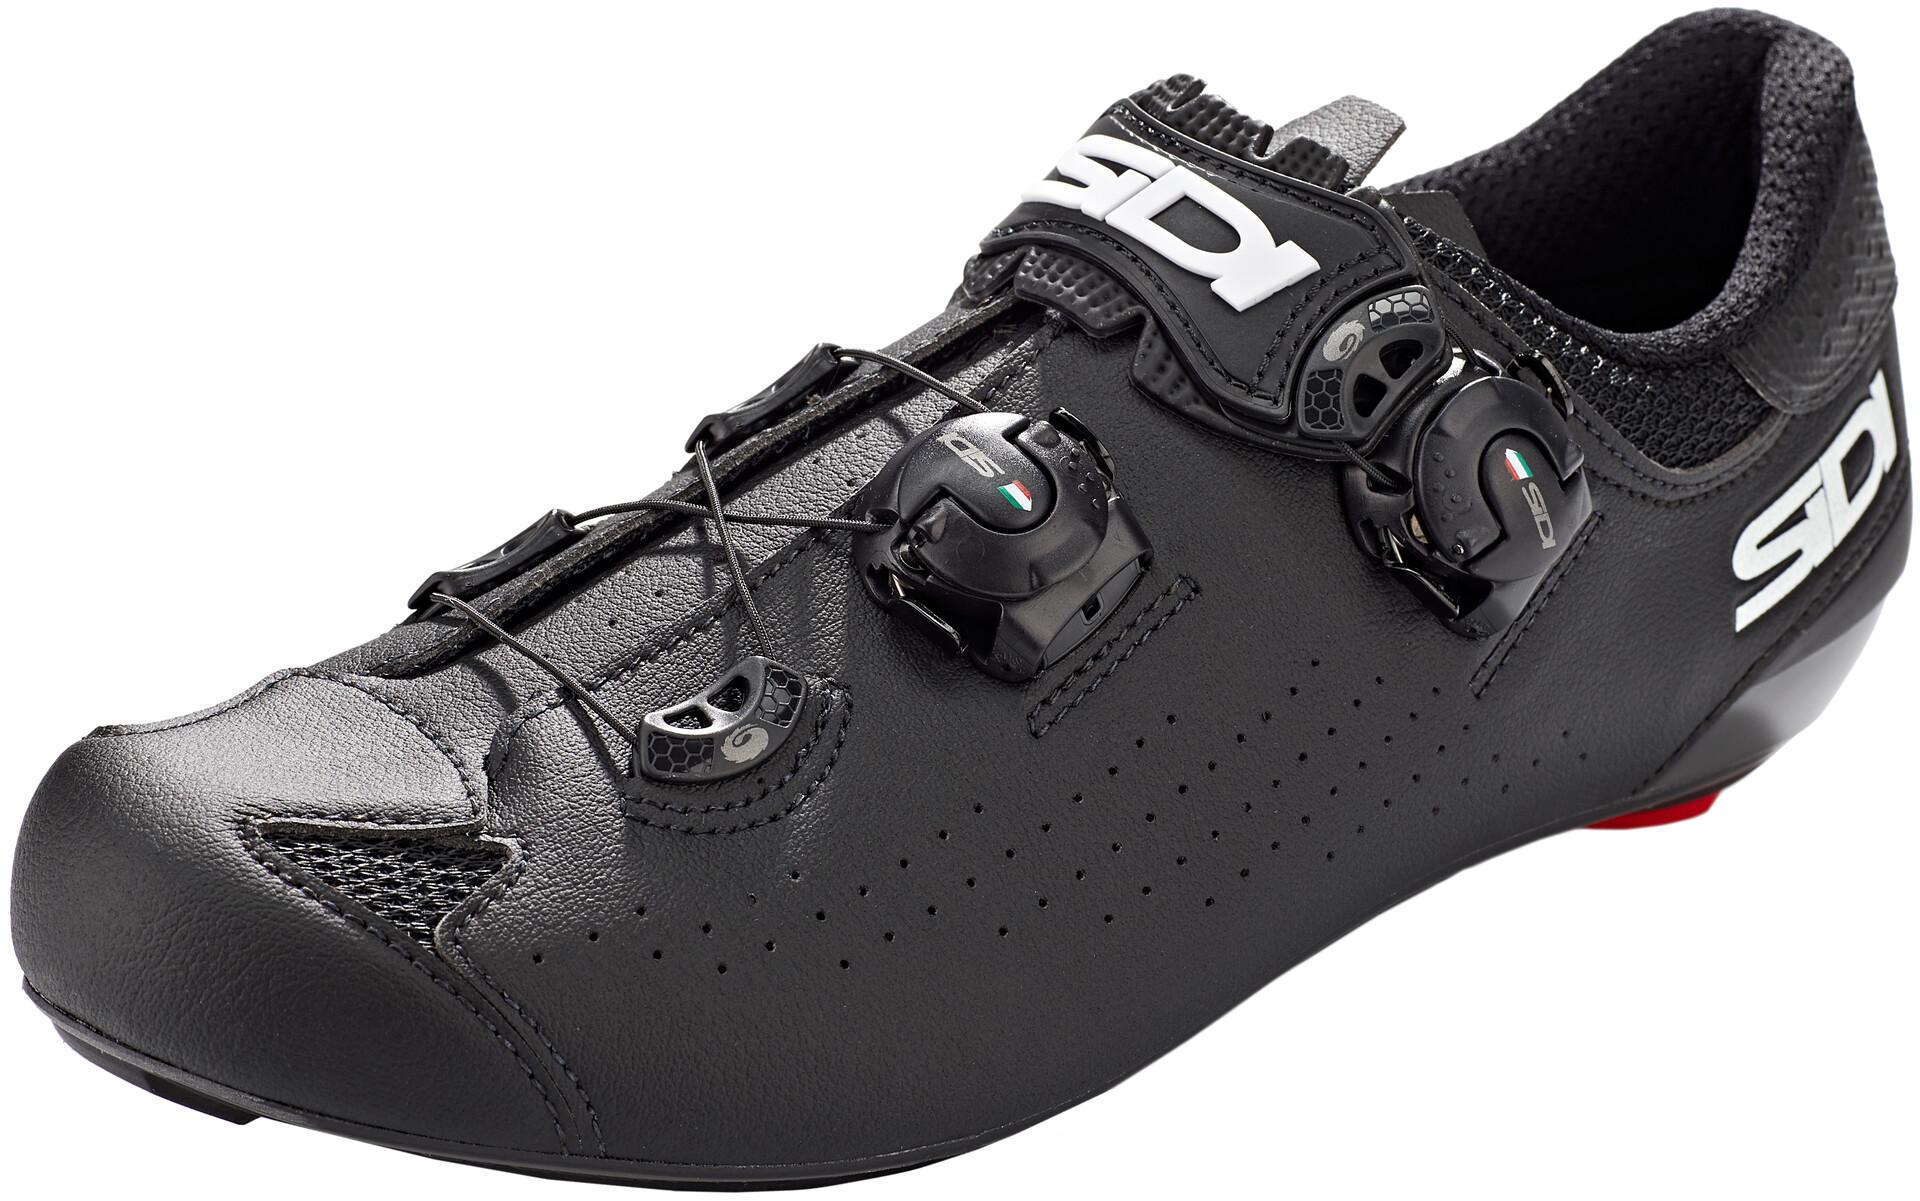 Sidi Genius 10 Schuhe Herren blackblack